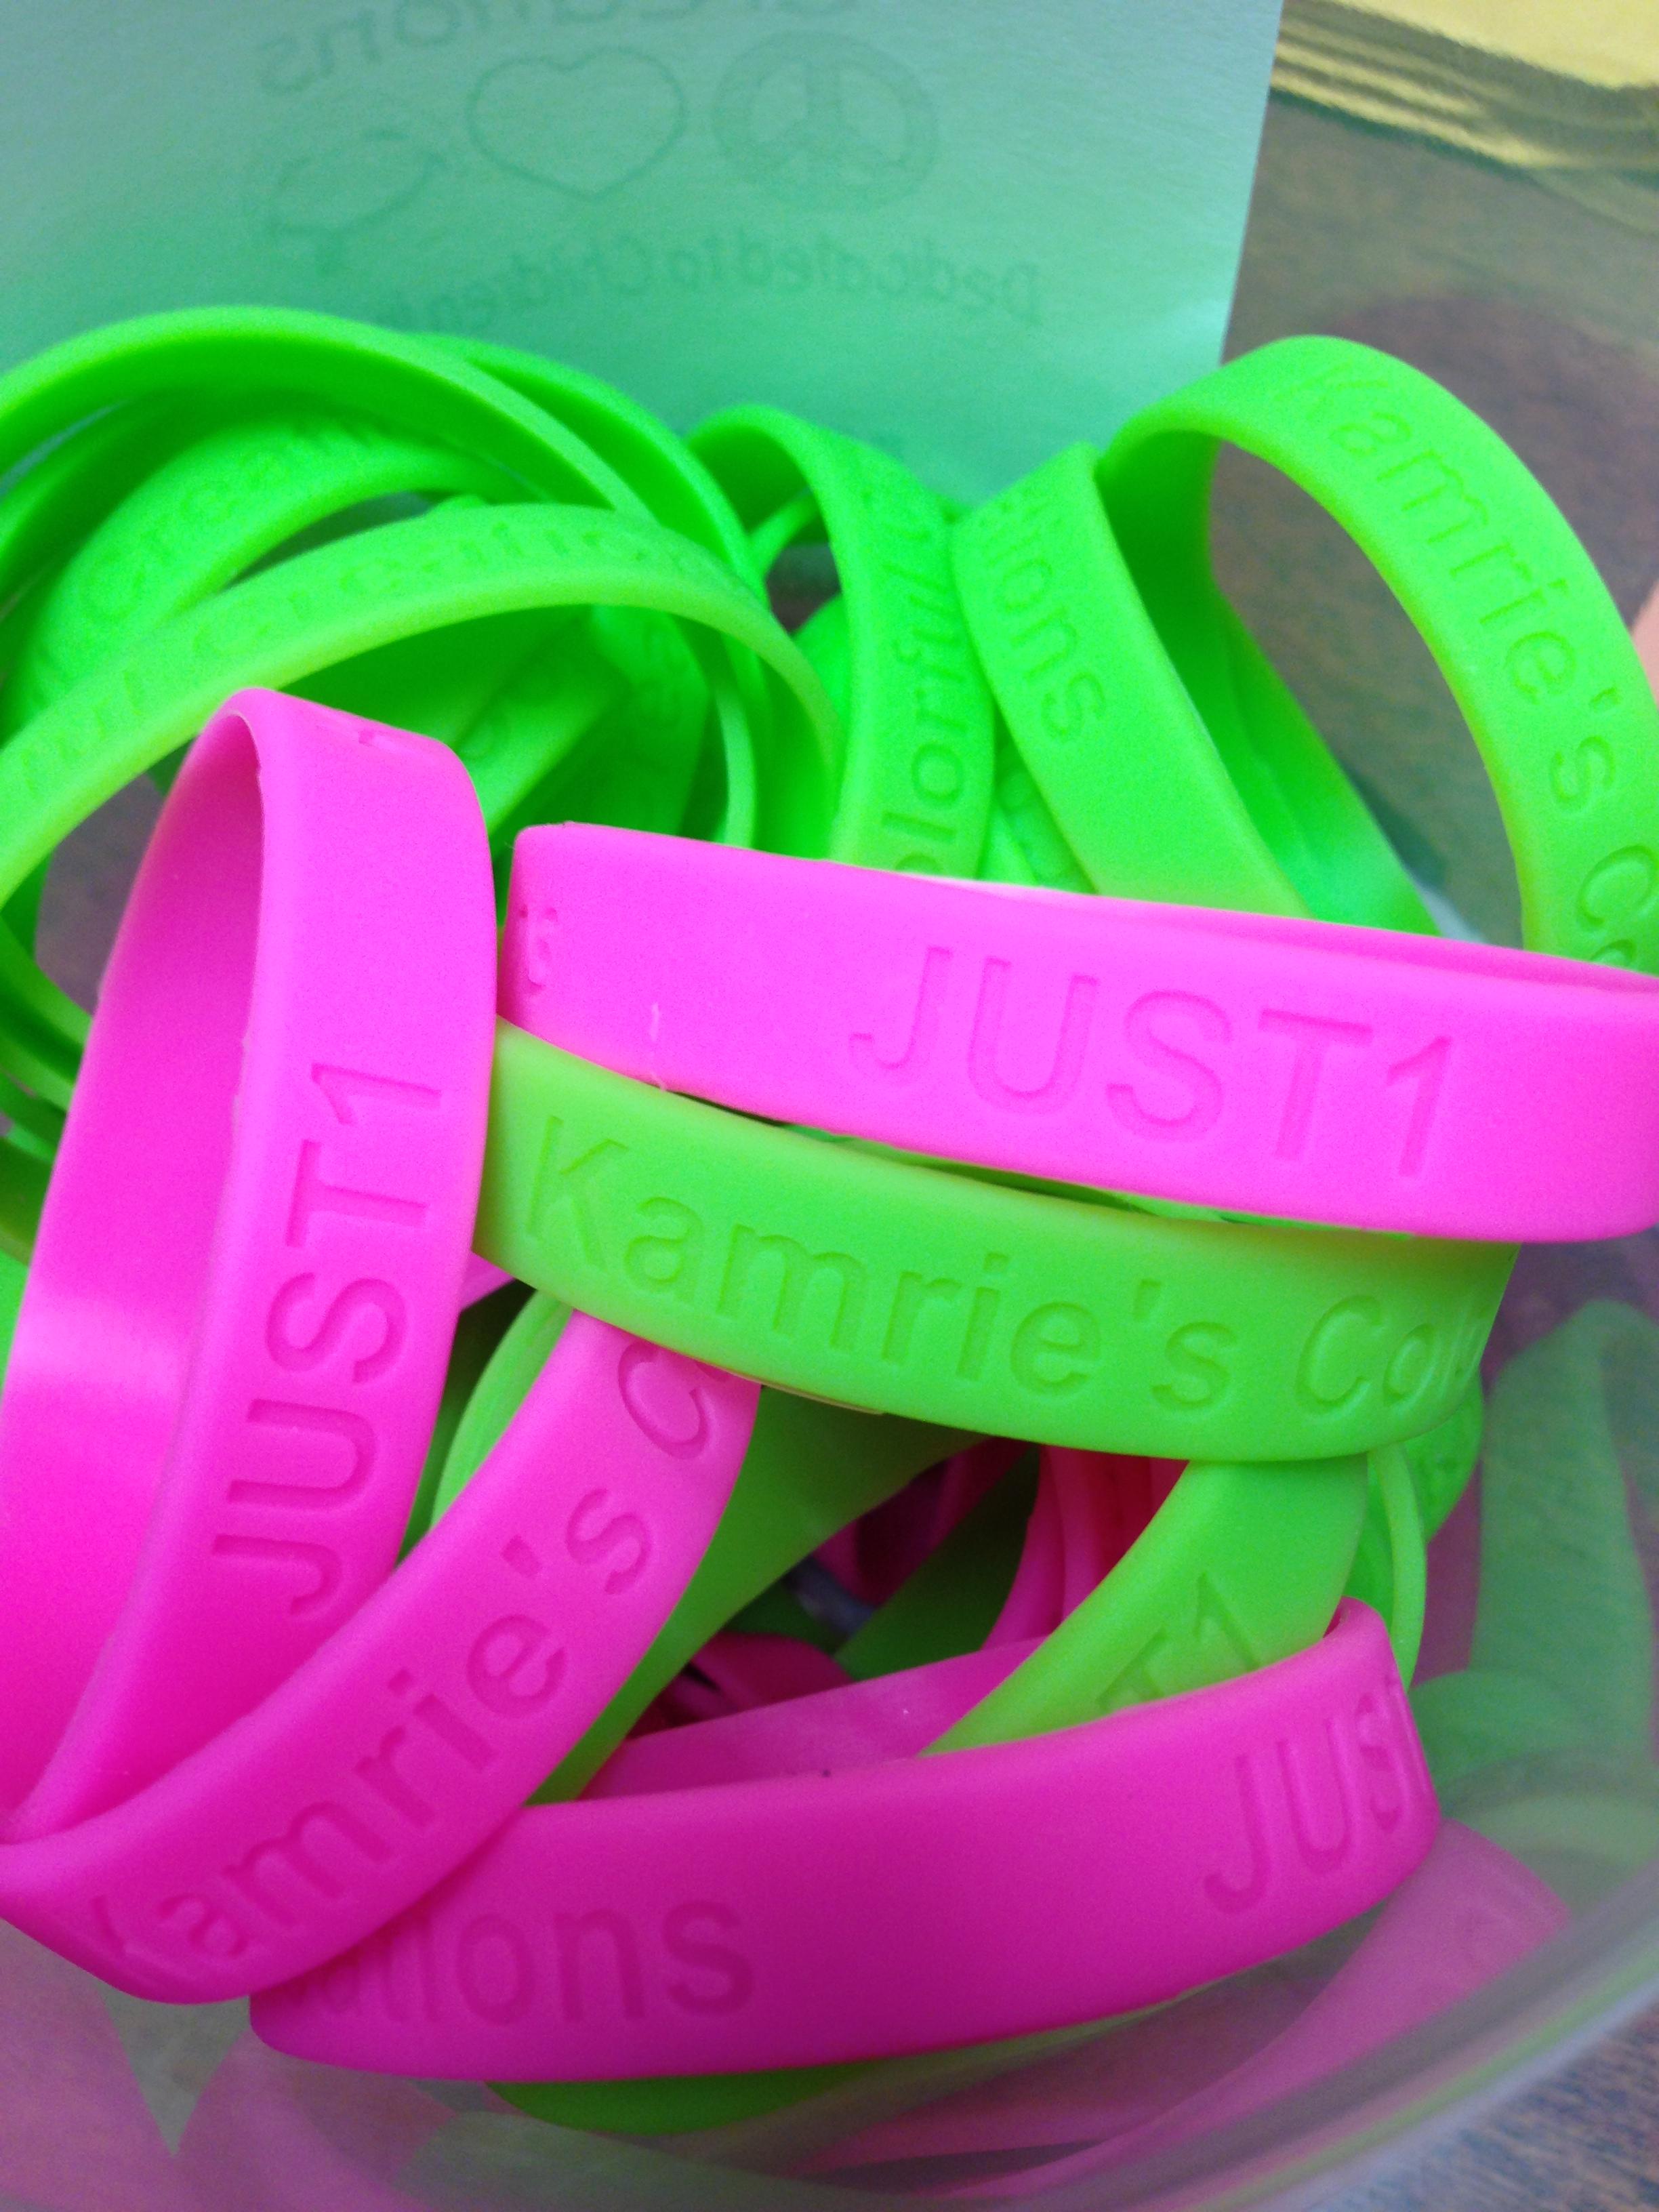 JUST1 bracelets